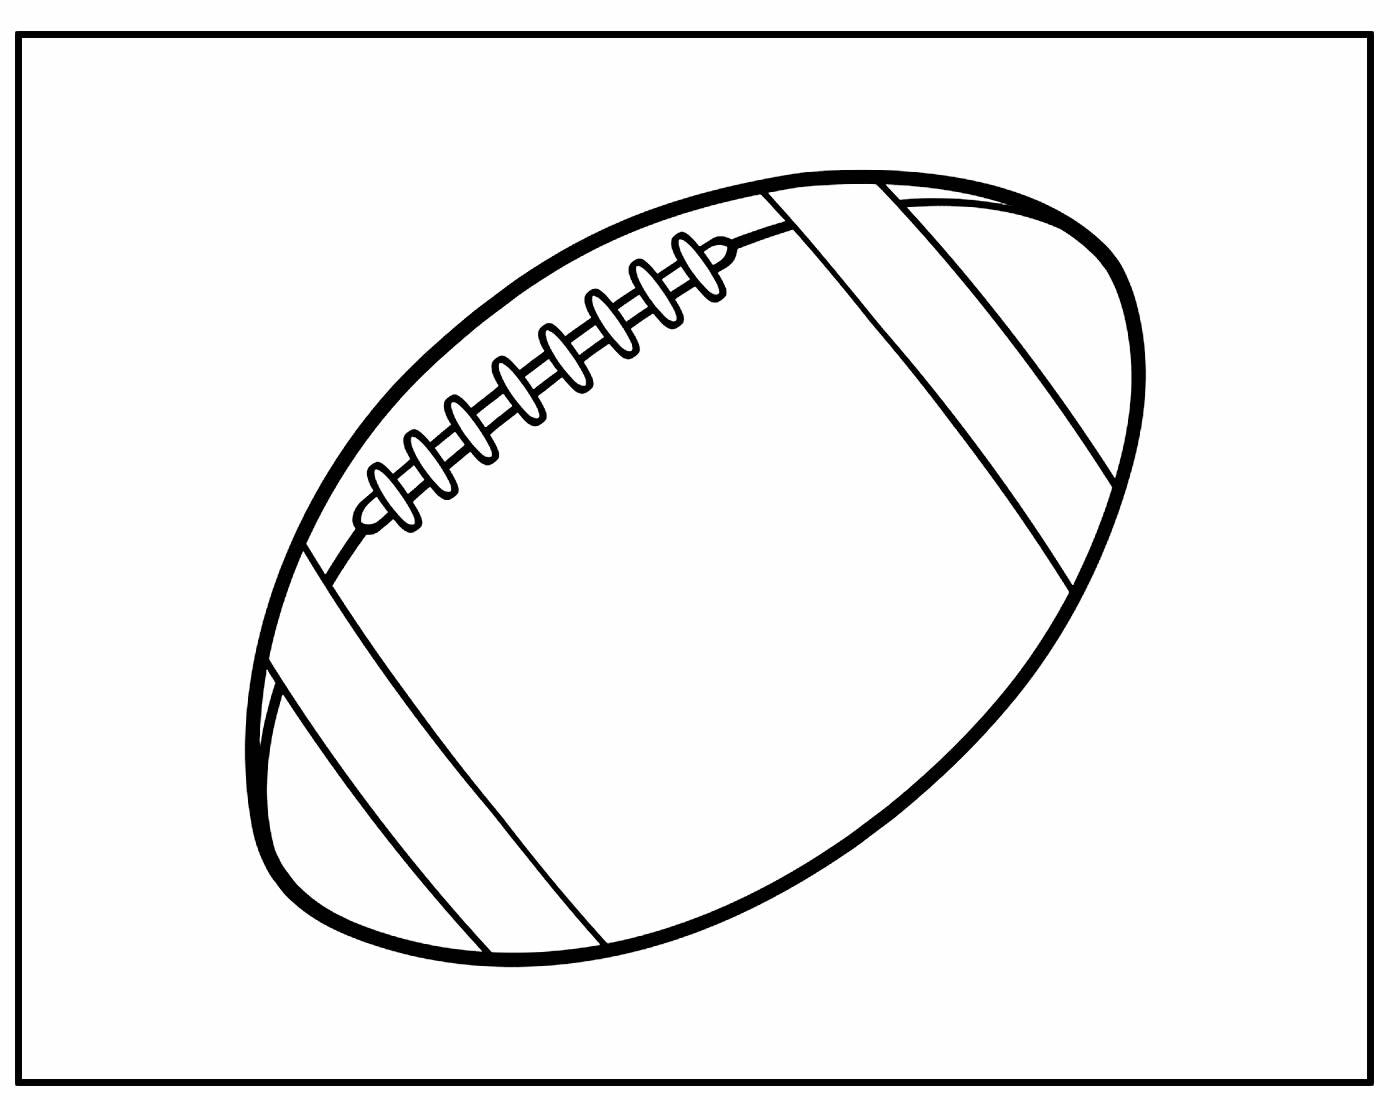 Página para colorir de Bola de Futebol Americano